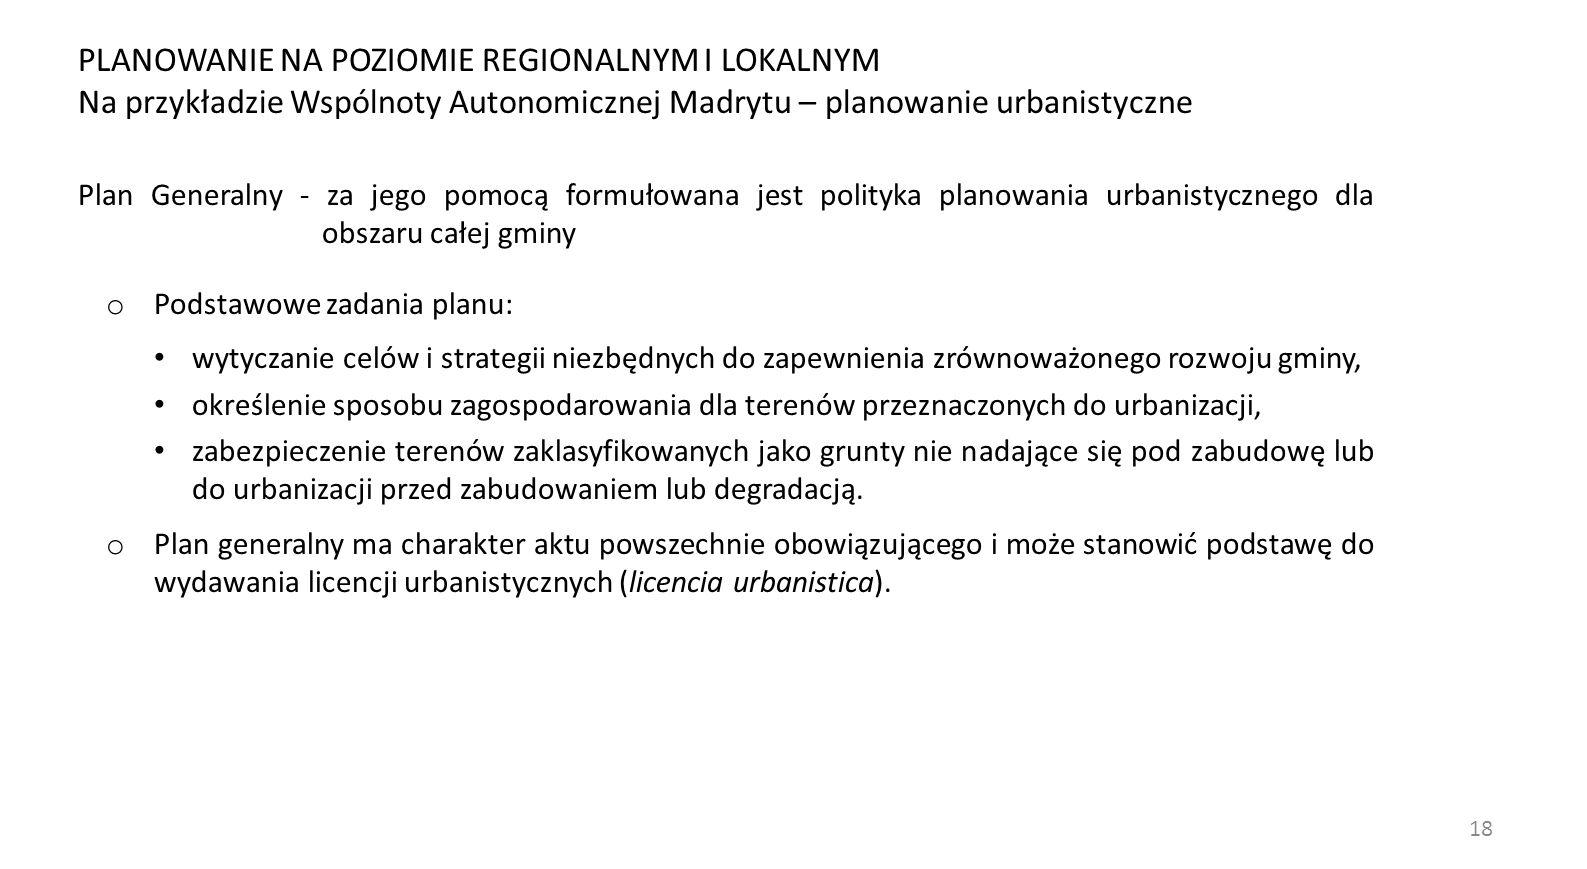 18 Plan Generalny - za jego pomocą formułowana jest polityka planowania urbanistycznego dla obszaru całej gminy o Podstawowe zadania planu: wytyczanie